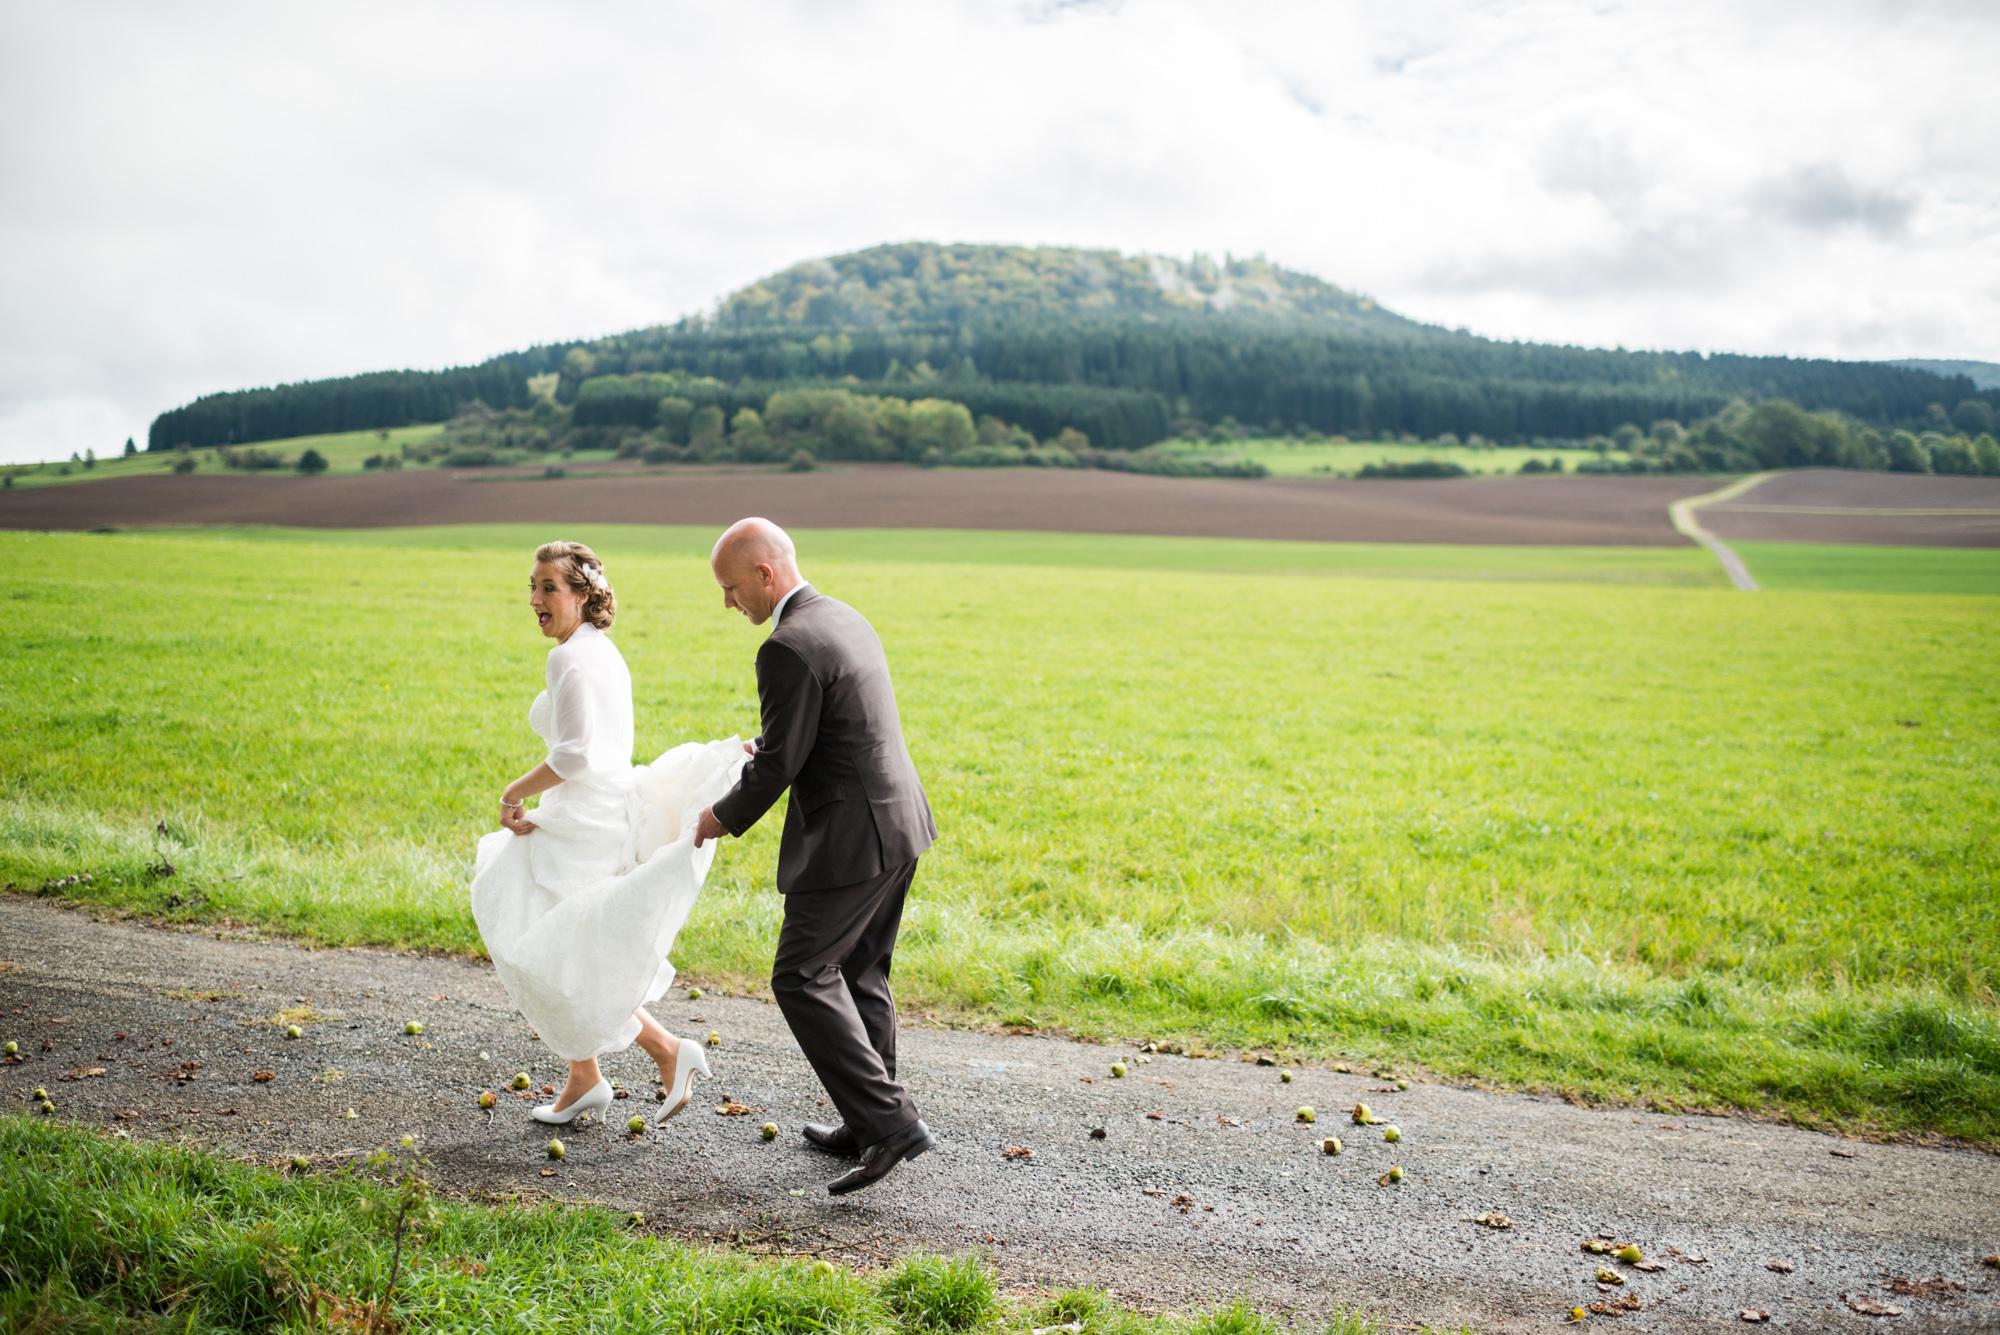 Fotograf Konstanz - Als Hochzeitsfotograf in Bad Dürrheim unterwegs  - 20 -